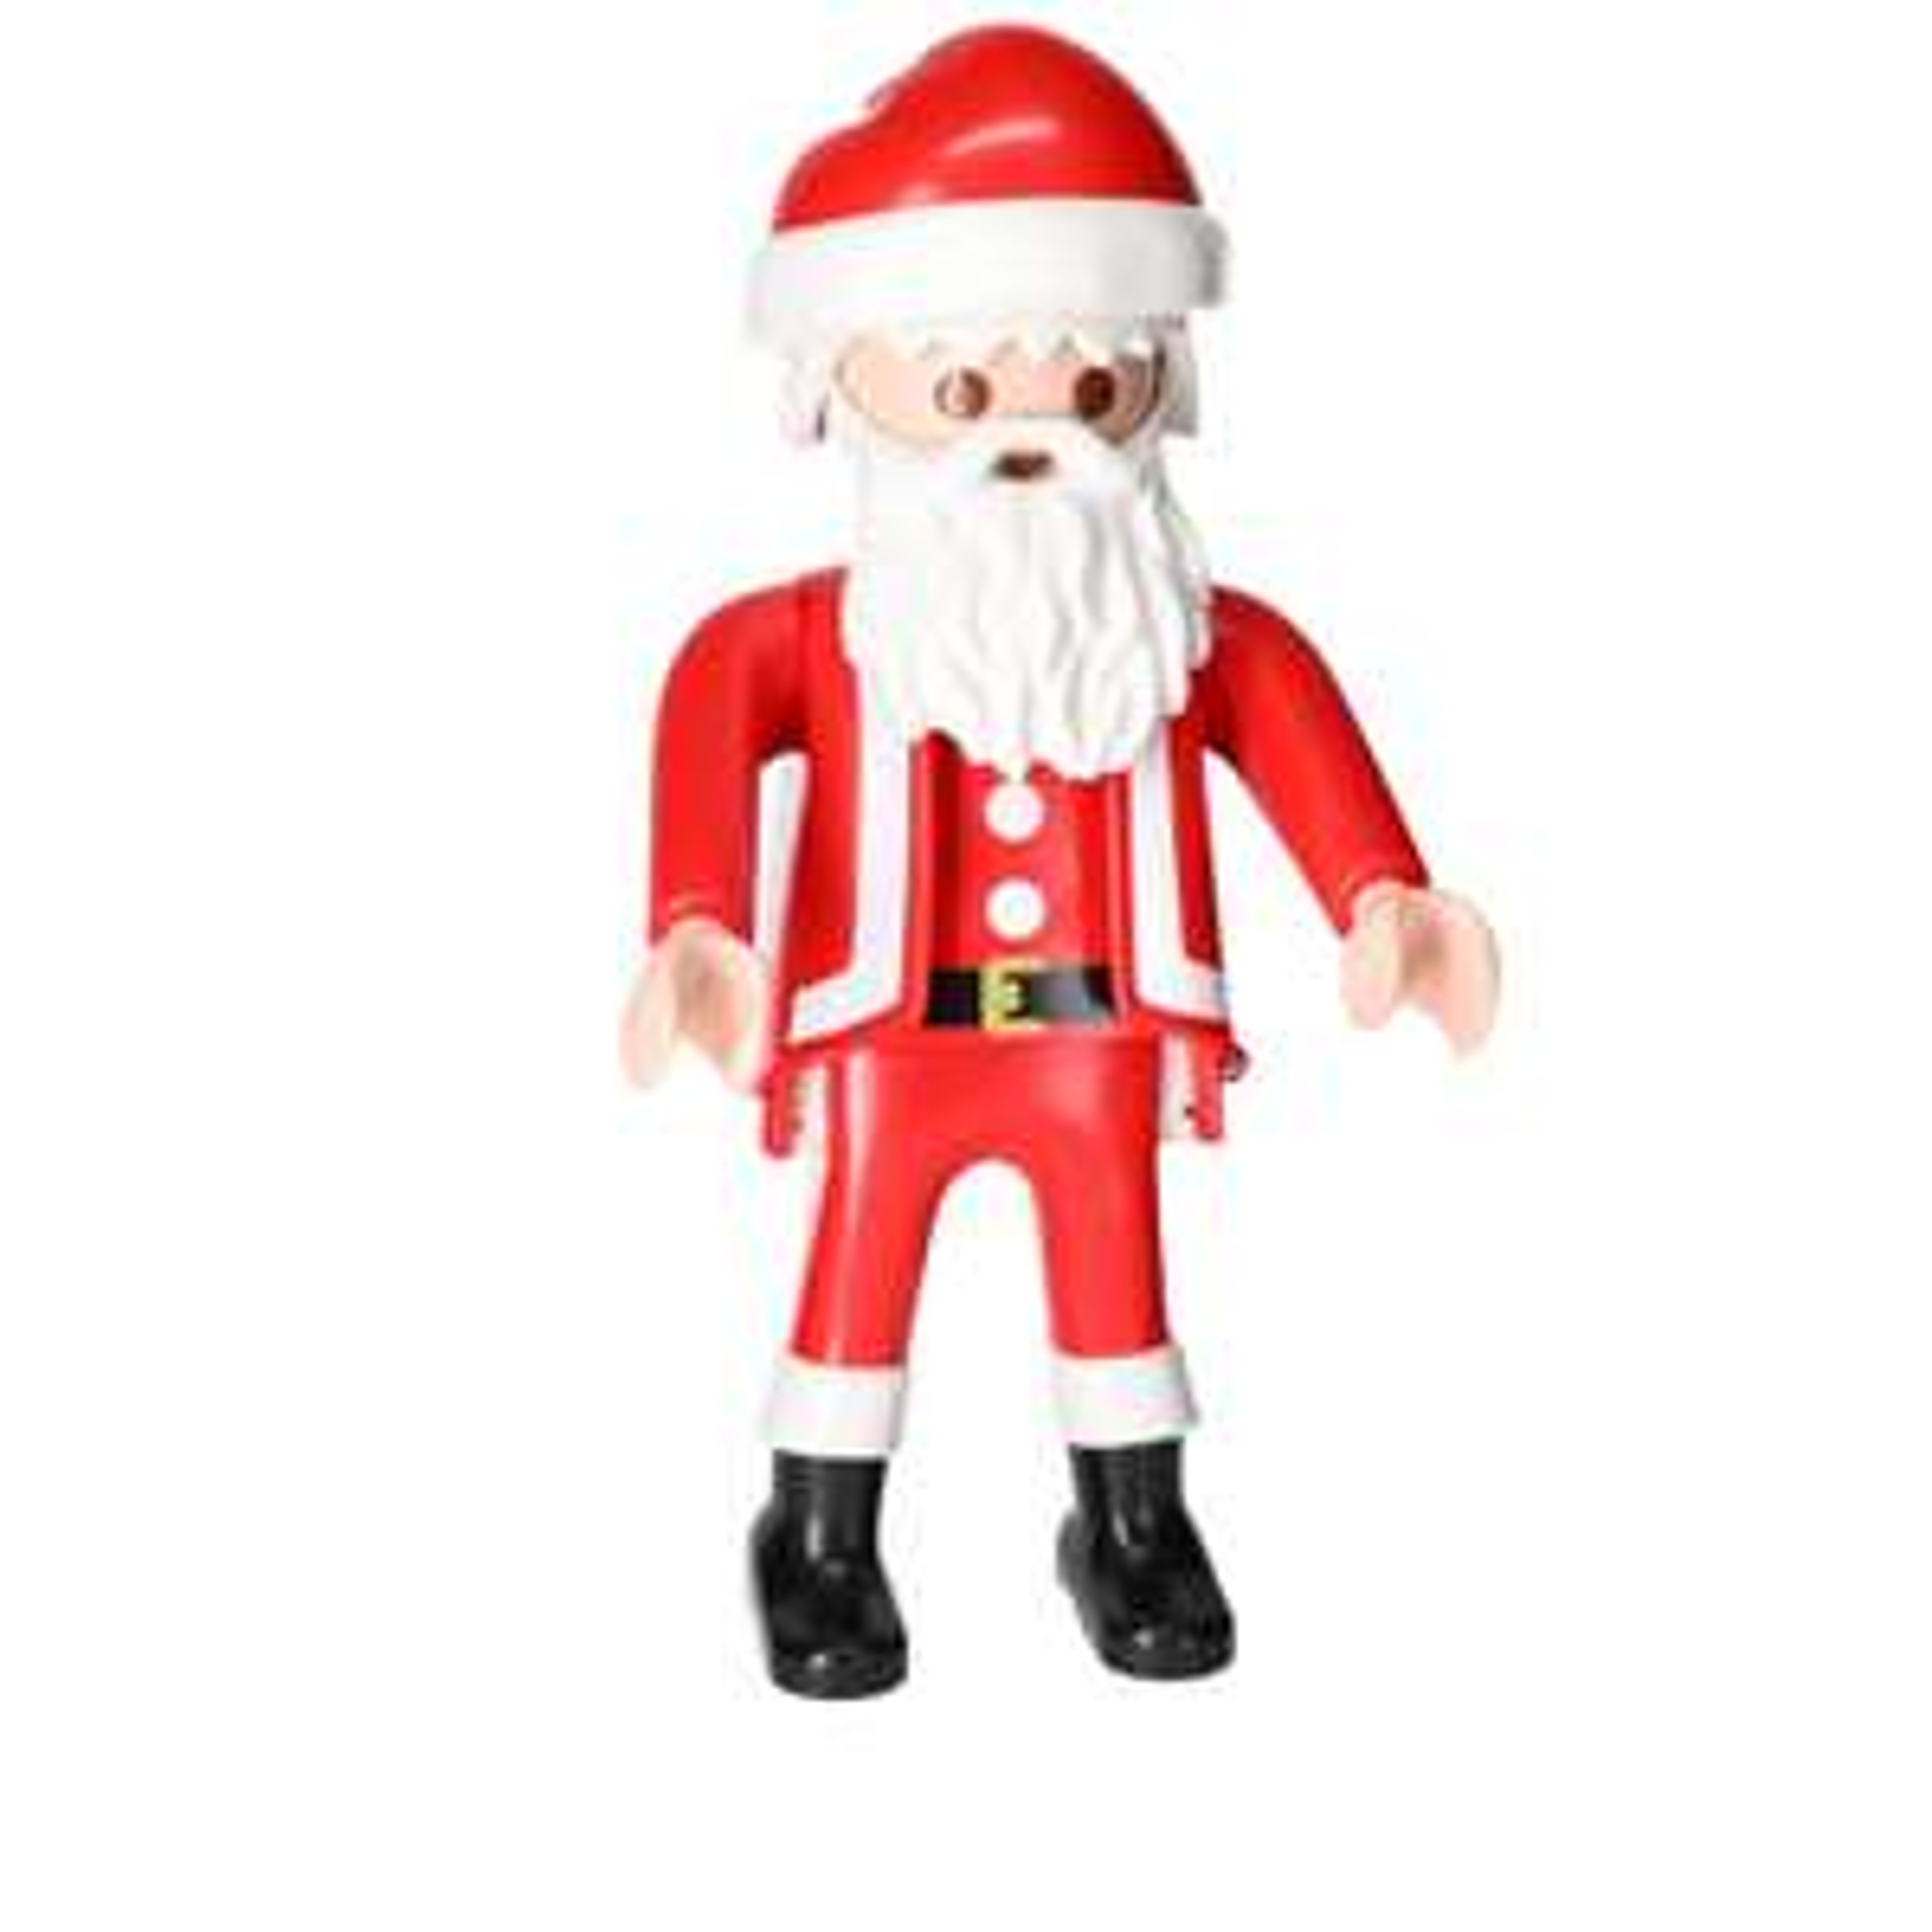 Playmobil XXL Weihnachtsmann